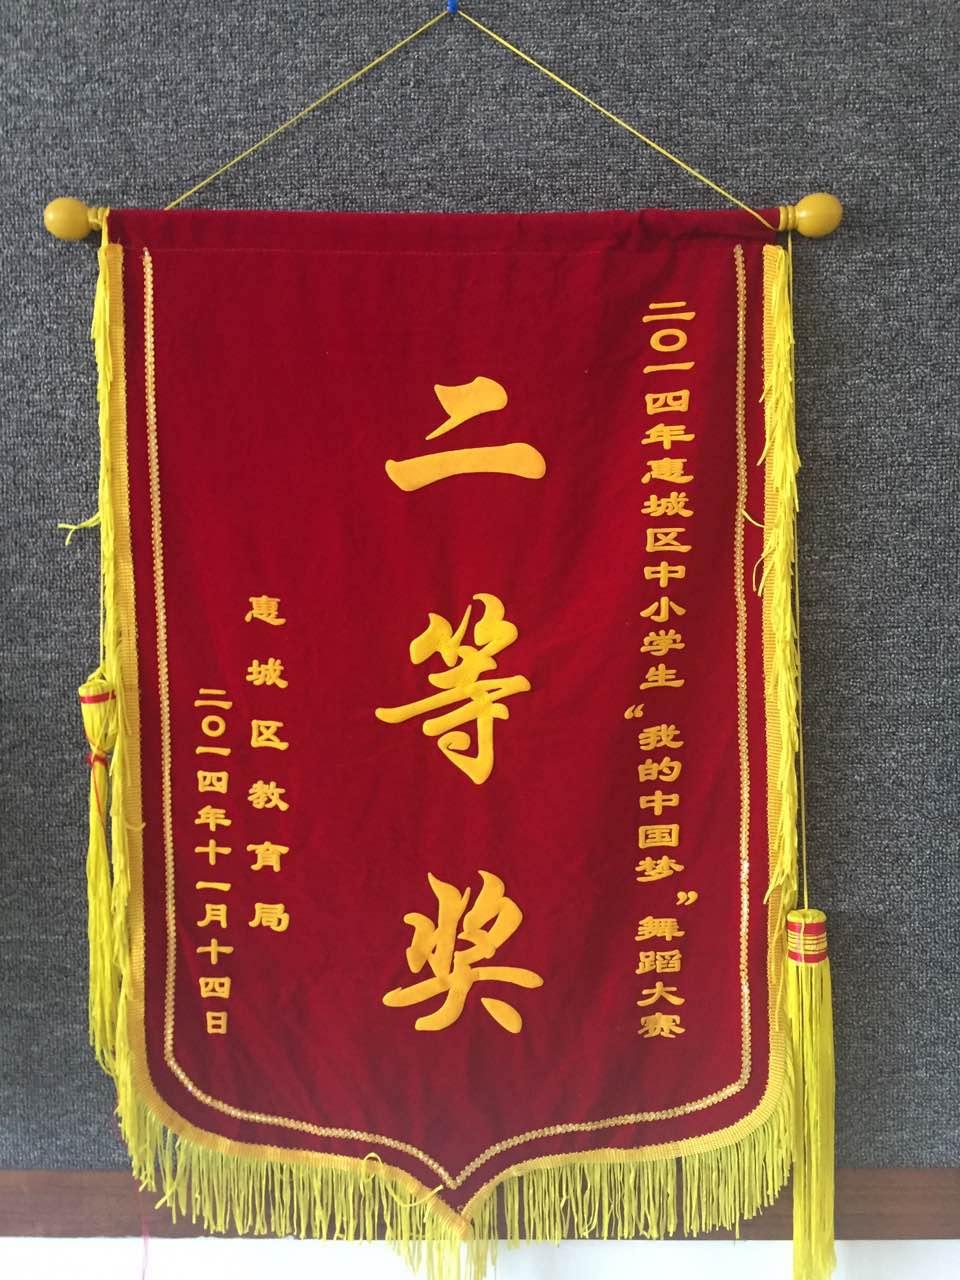 我的中国梦舞蹈大赛锦